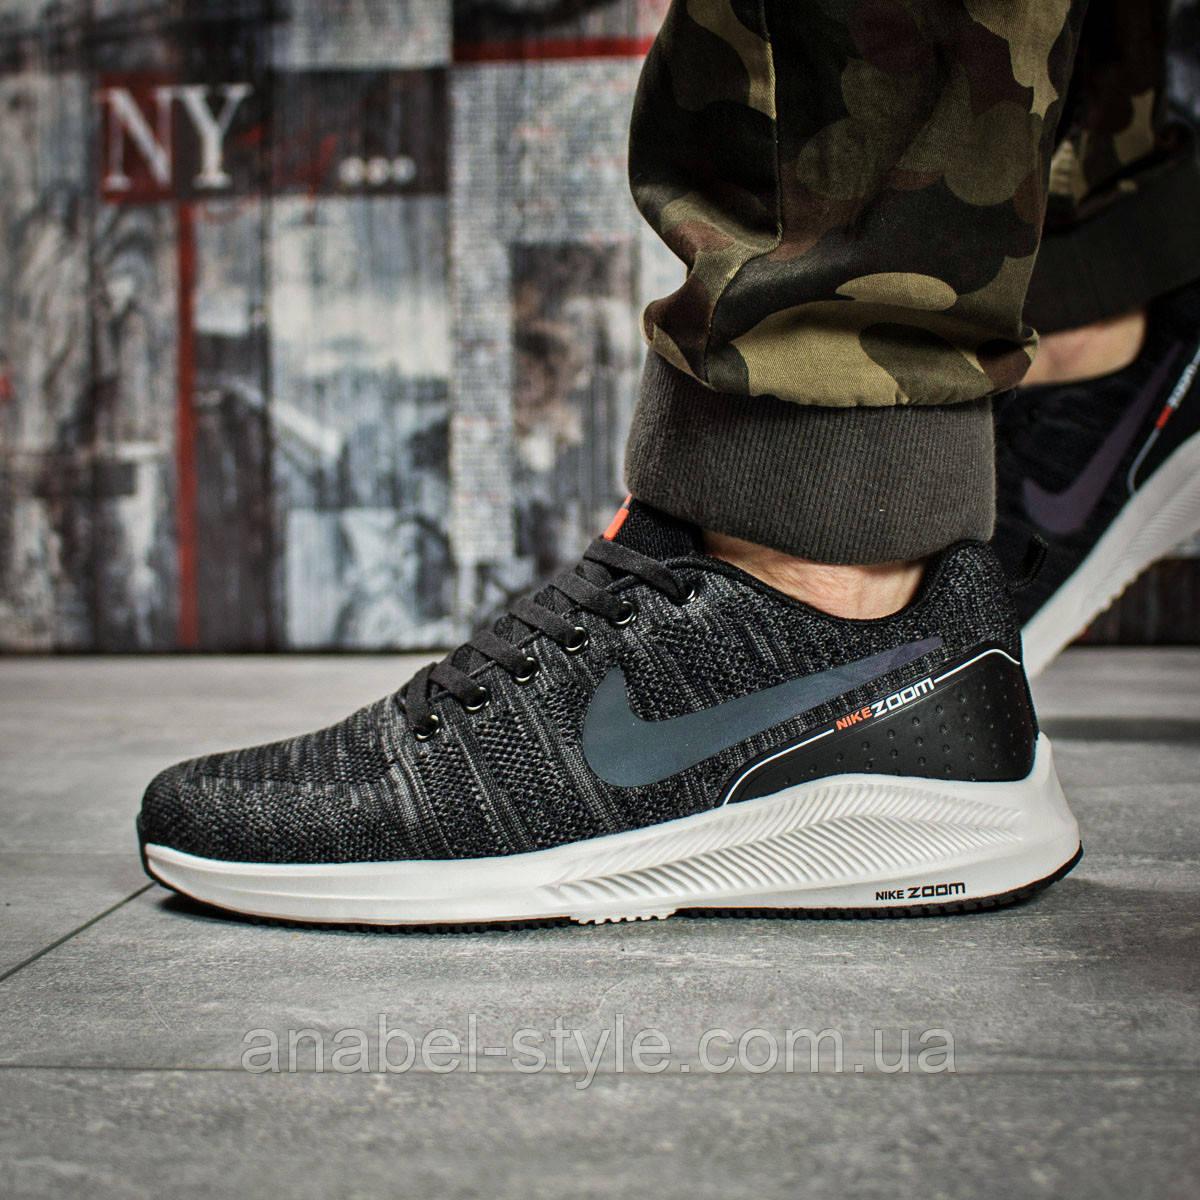 Кросівки чоловічі 15981, Nike Zoom Air, темно-сірі, [ 43 ] р. 43-26,5 див.